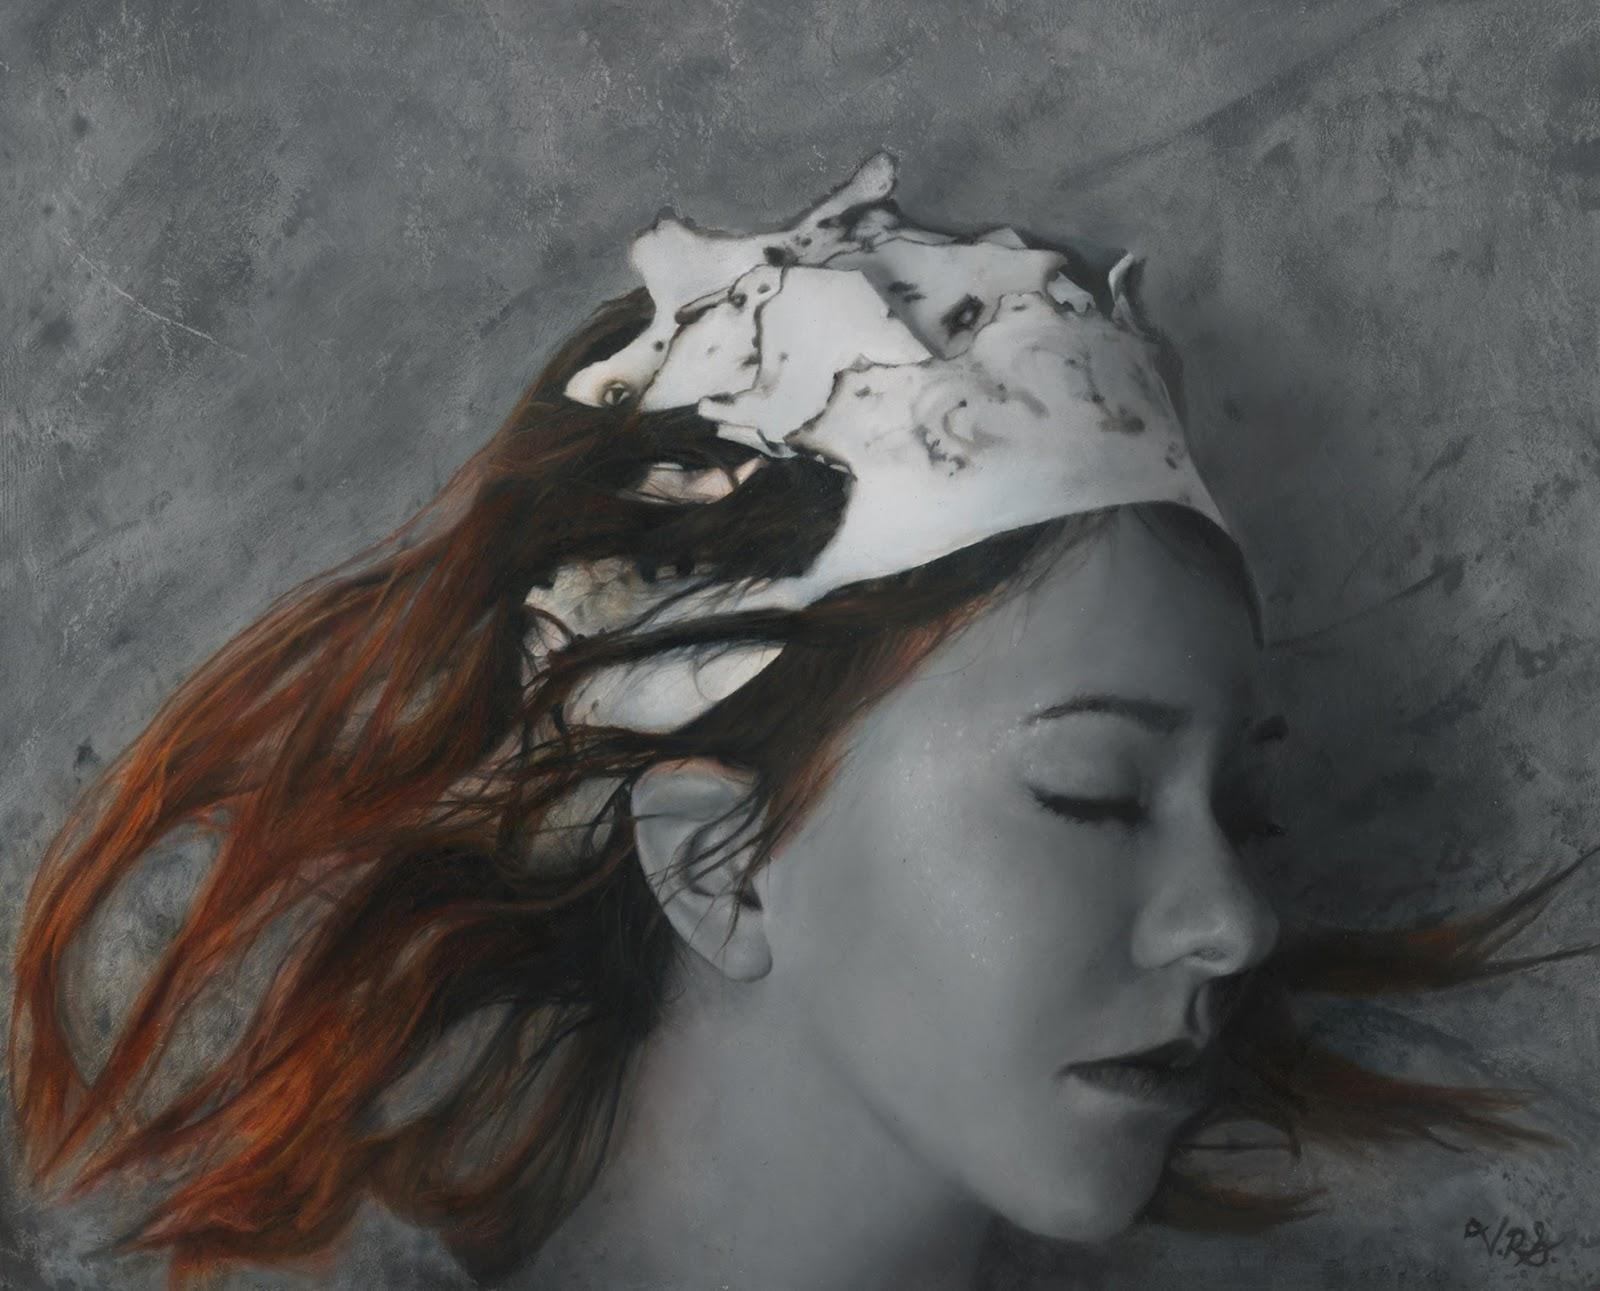 Paintings By Victoria Steel